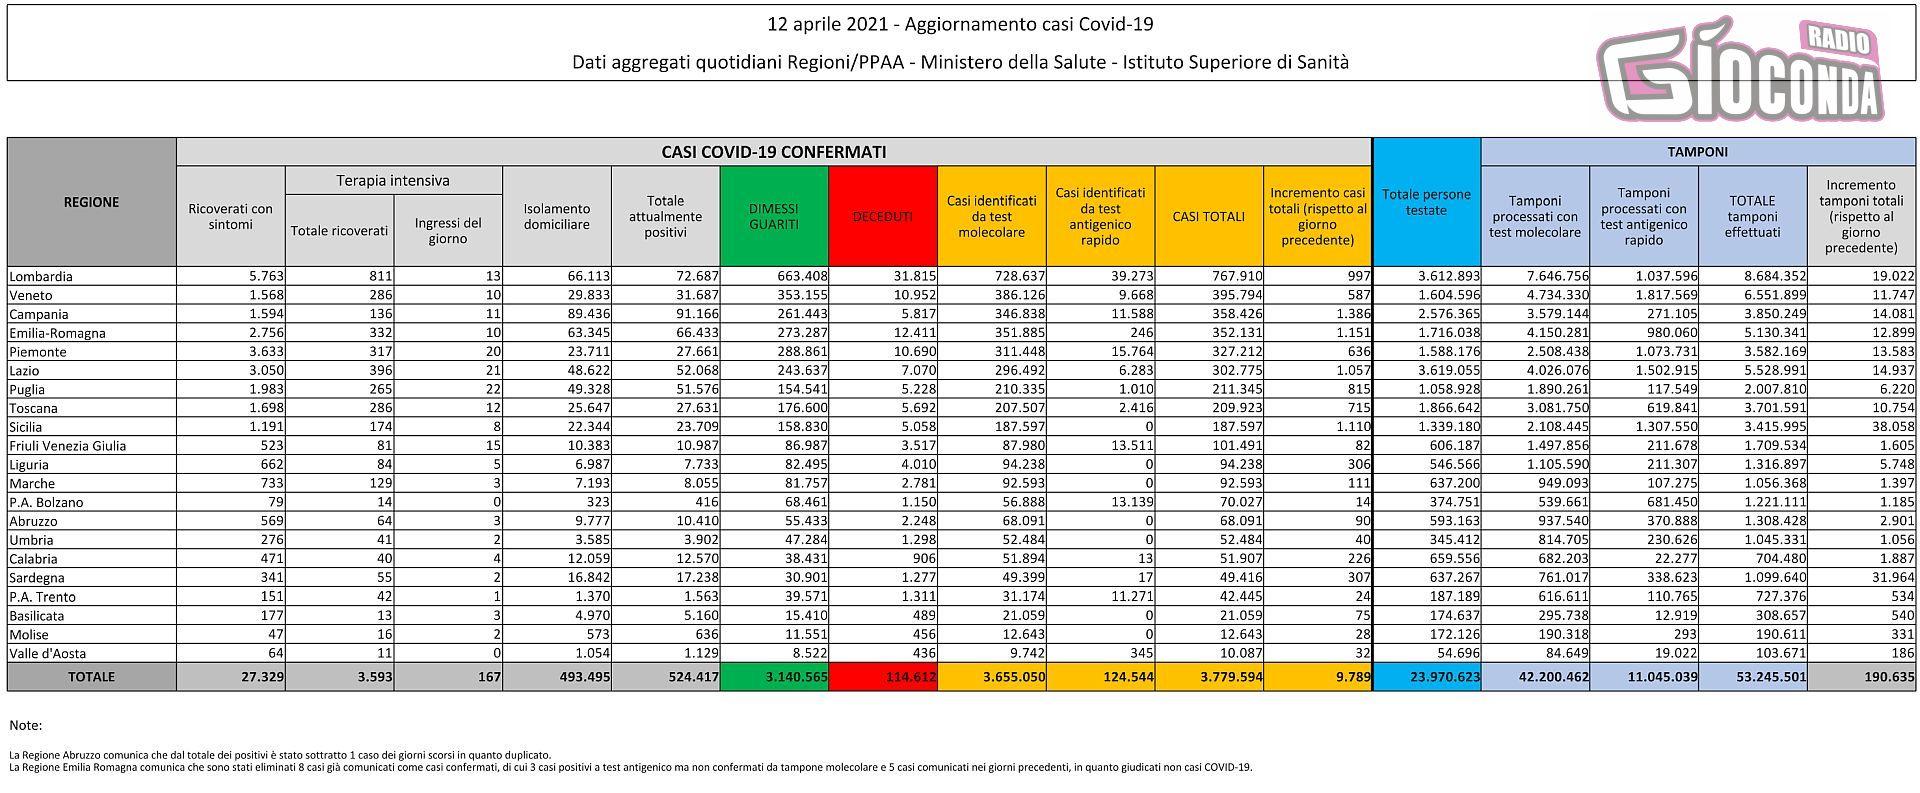 12 aprile 2021 - Aggiornamento casi Covid-19 Dati aggregati quotidiani Regioni/PPAA - Ministero della Salute - Istituto Superiore di Sanità